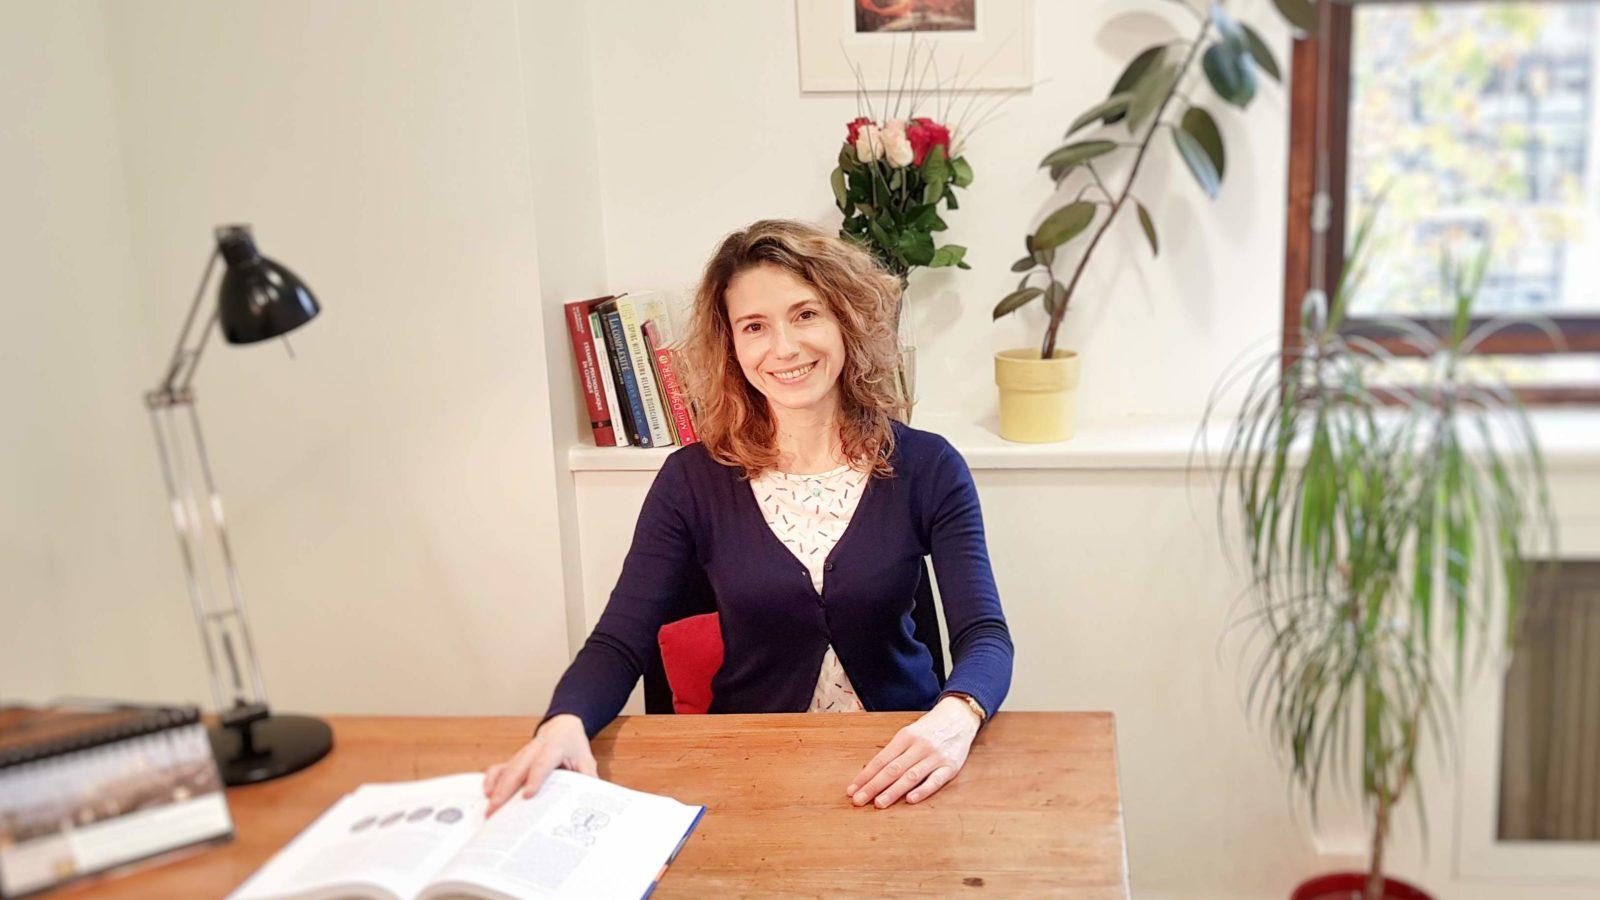 Linda-B-Amine-Psychologue-Boulogne-Billancourt-Paris-15eme-Paris-16eme